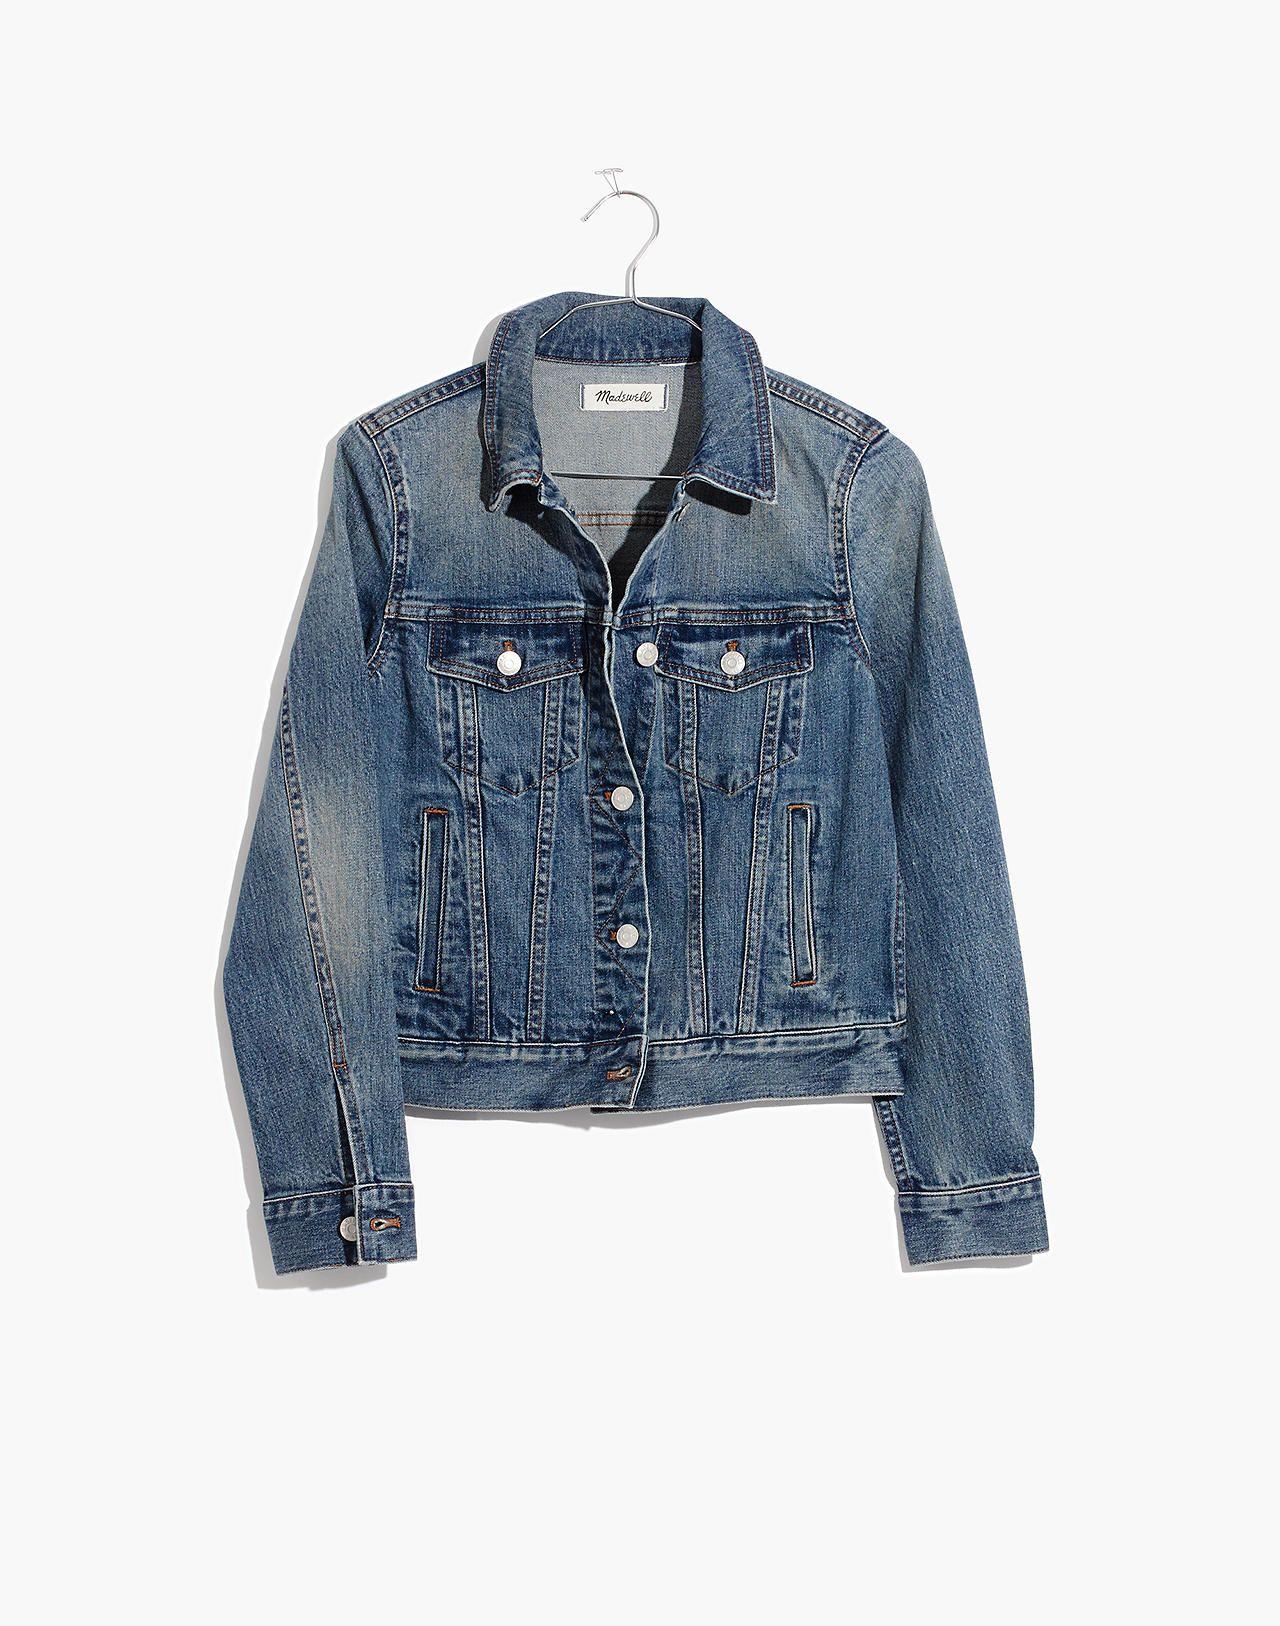 Women S Shrunken Stretch Jean Jacket Cute Jean Jackets Worn Jean Jacket Jackets [ 1626 x 1280 Pixel ]